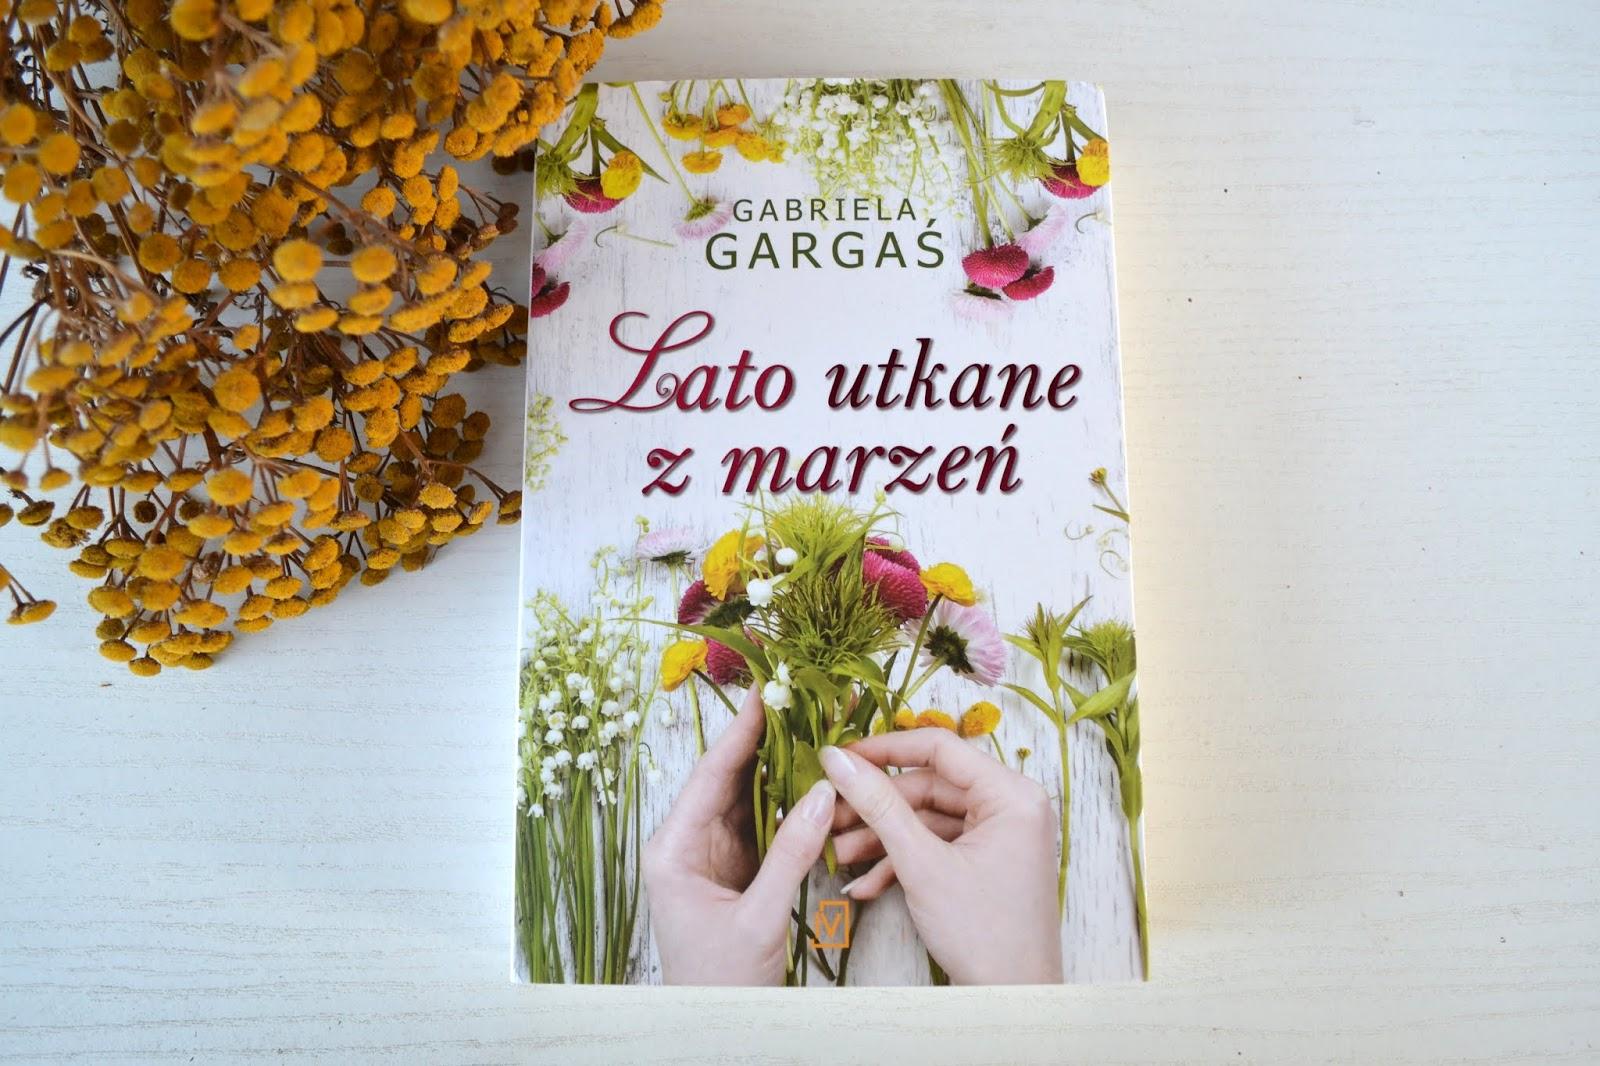 Książka na letni wieczór - Lato utkane z marzeń G. Gargaś